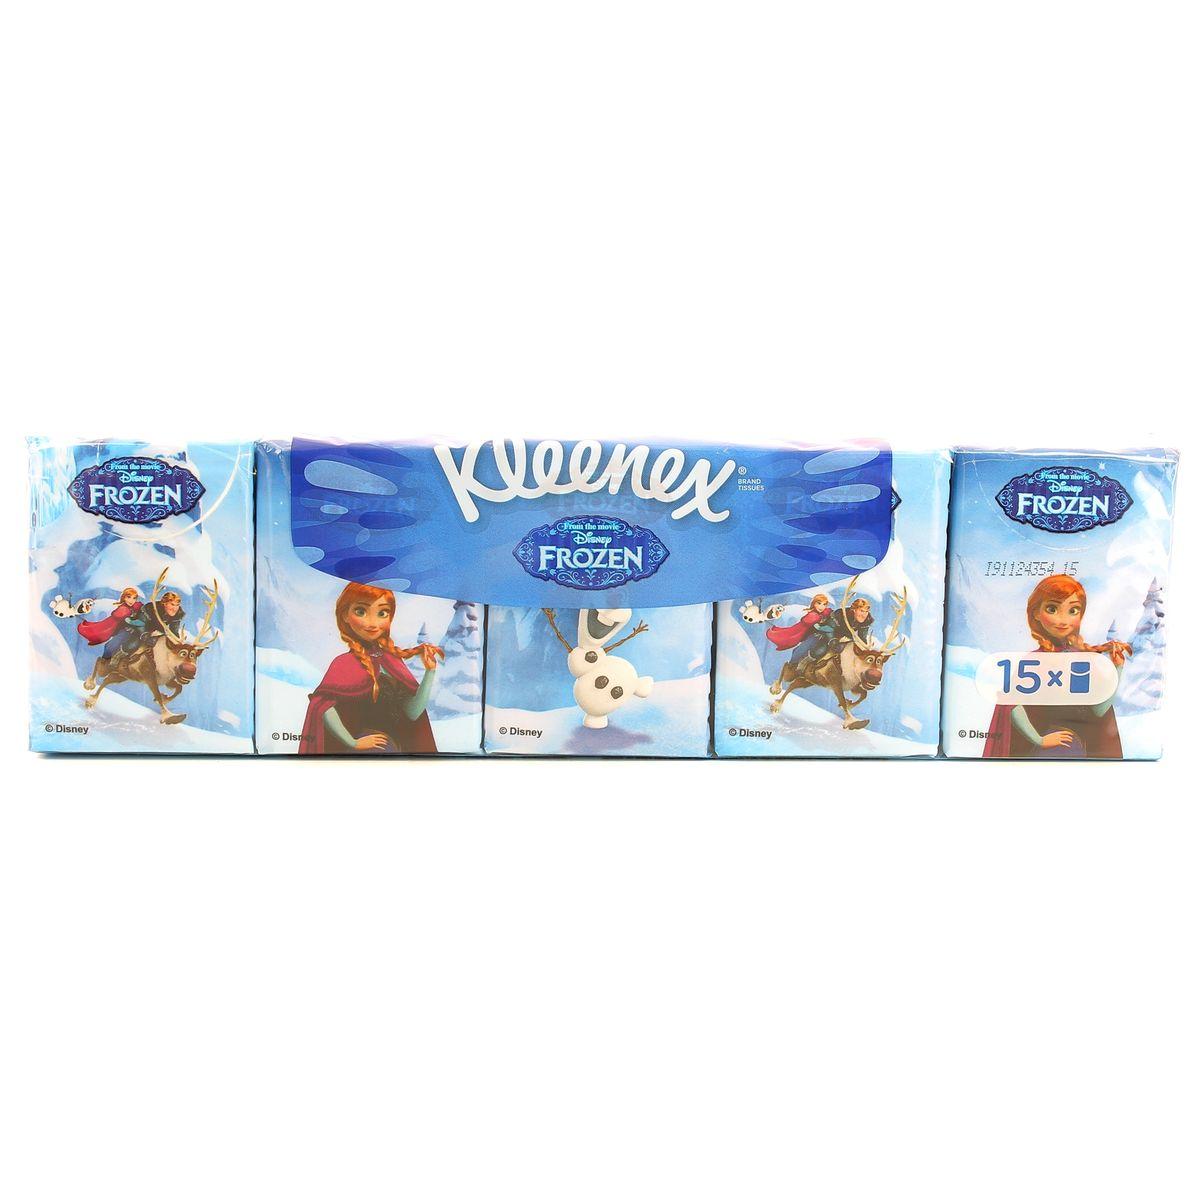 Super Kleenex Mouchoirs étuis La Reine des Neiges, 15 étuis : houra.fr EH31